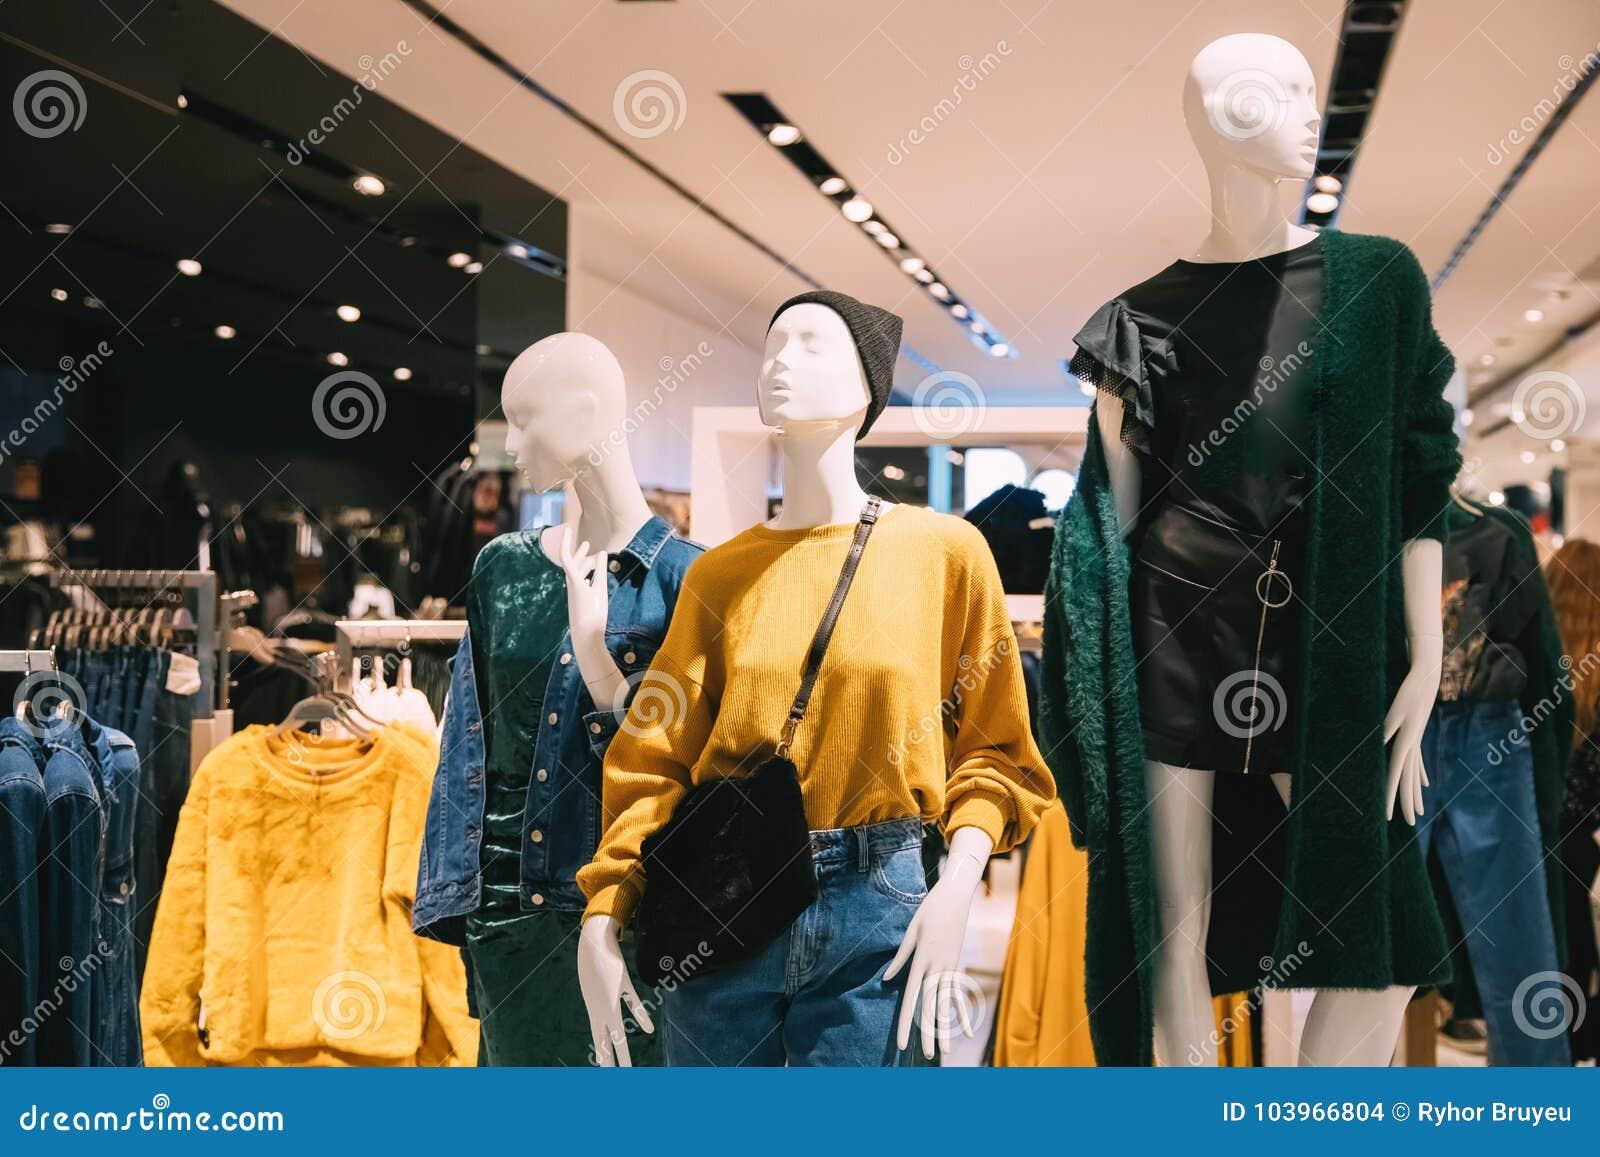 aac99296ea Maniquíes vestidos en ropa casual de la mujer femenina en la tienda de Sh